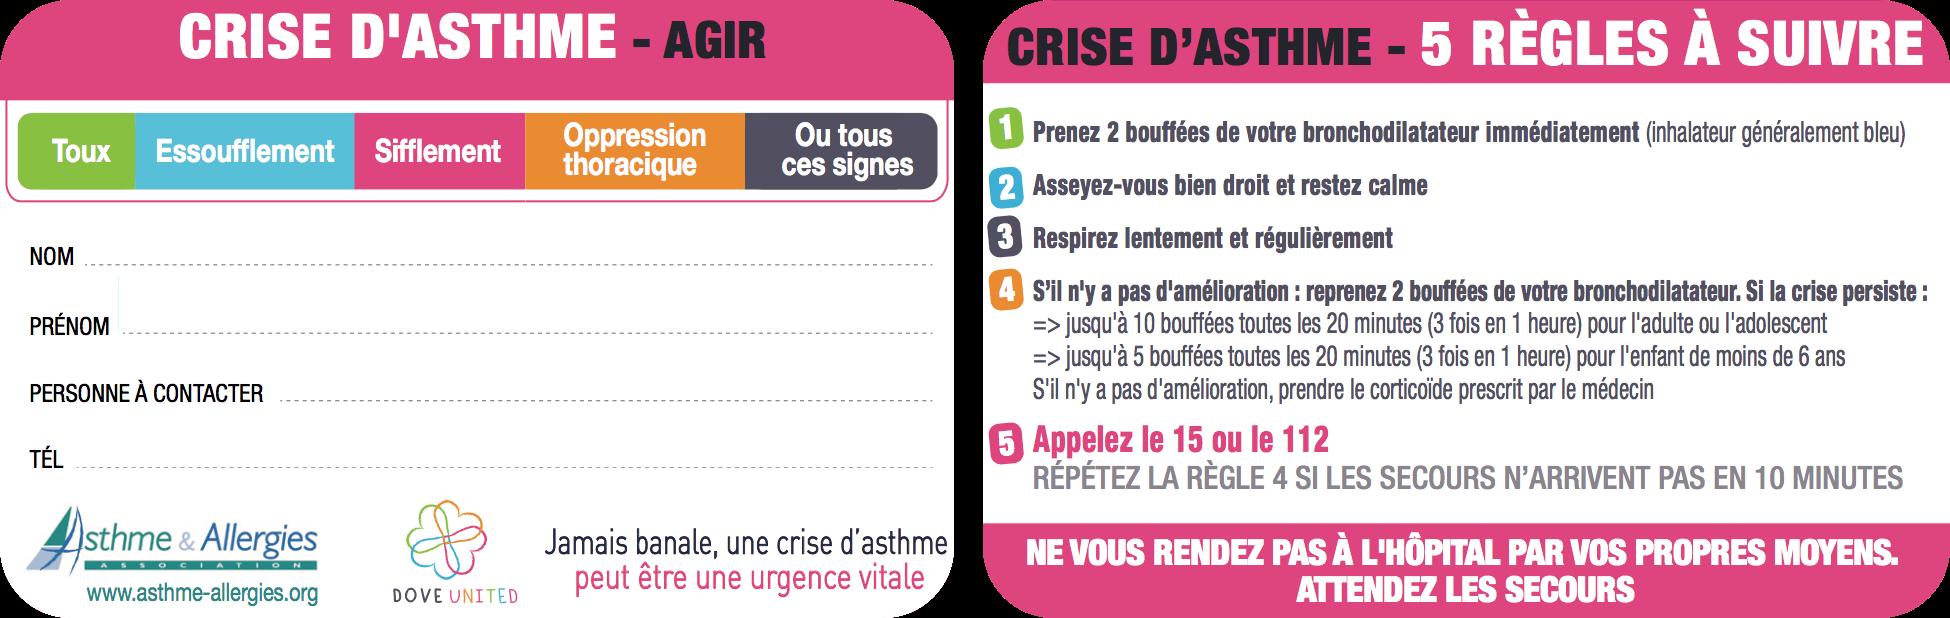 Carte Crise d'asthme Agir